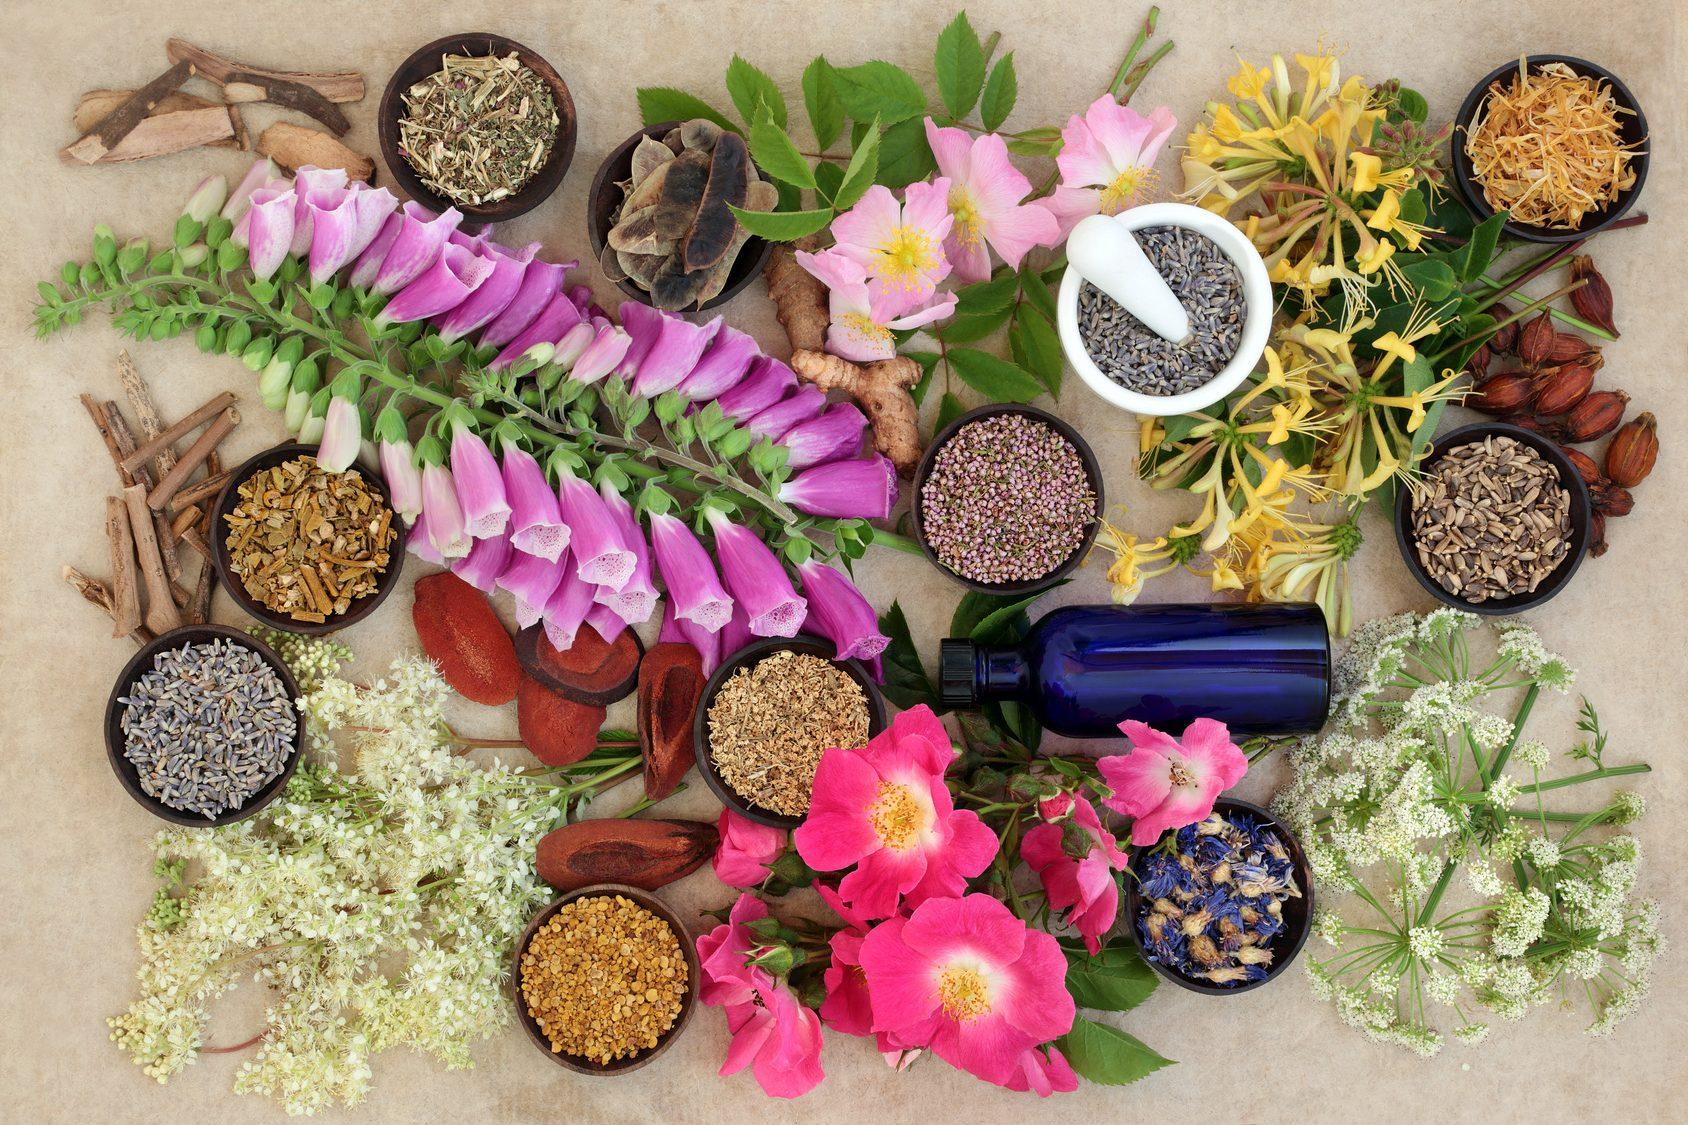 Naturheilkunde - Natürliche Kräuter- und Blumensammlung, die in alternativen Kräuterheilmitteln verwendet wird.